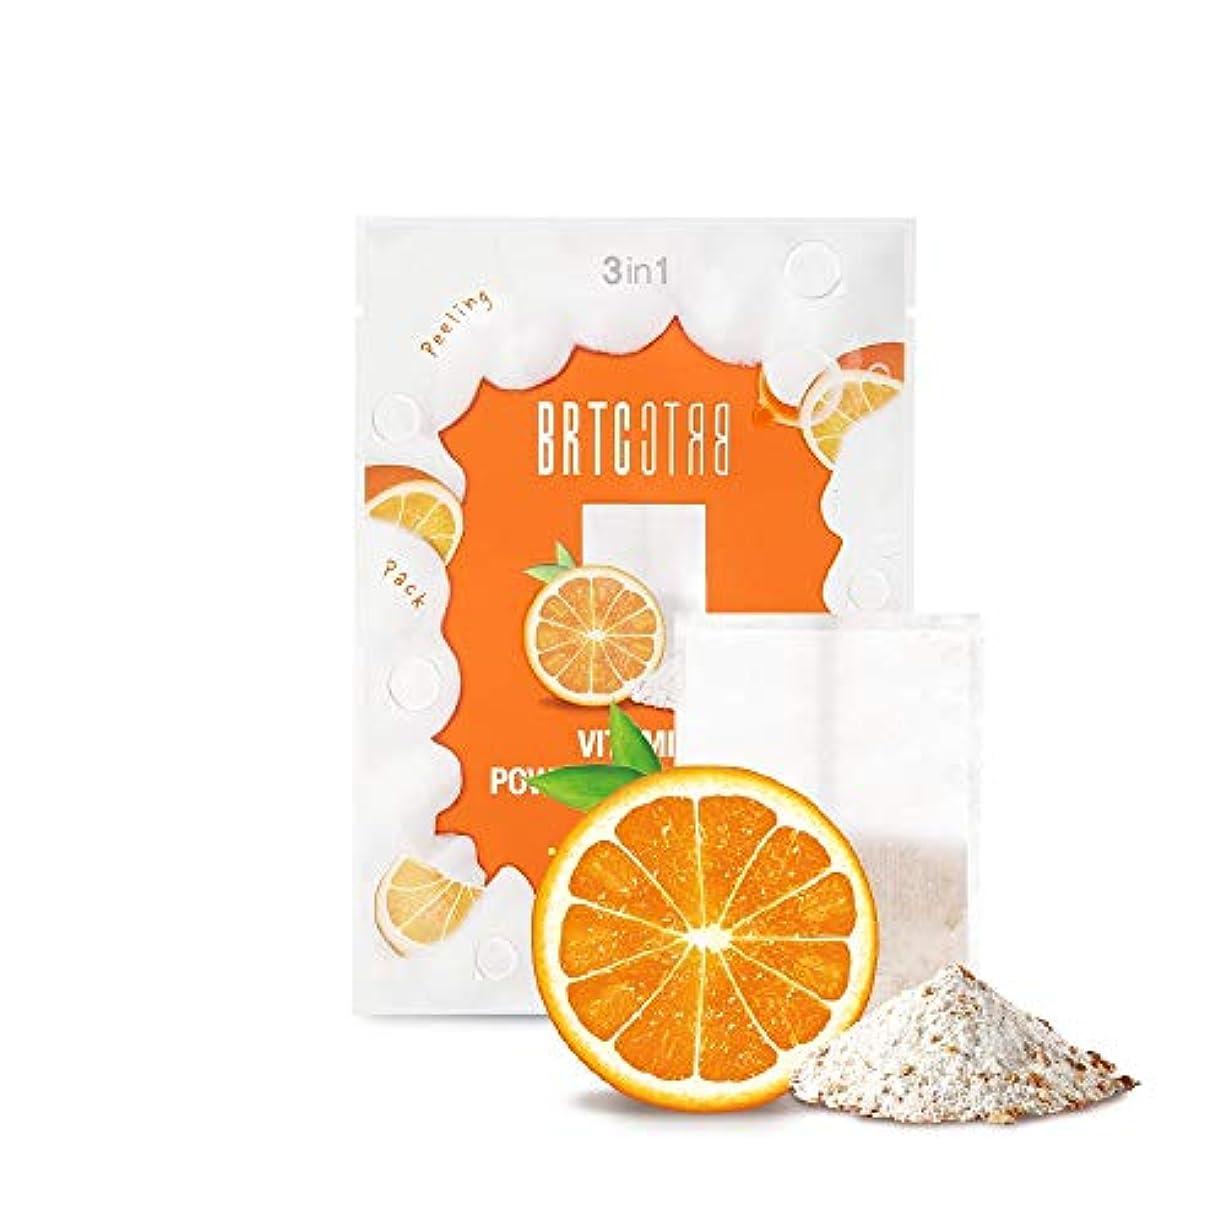 不屈洞察力漂流BRTC V10ビタミンパウダークレンジングティーバッグ V10 Vitamin Powder Cleansing Tea Bag [MANDARIN&ORANGE] 1.5g * 15ea [並行輸入品]